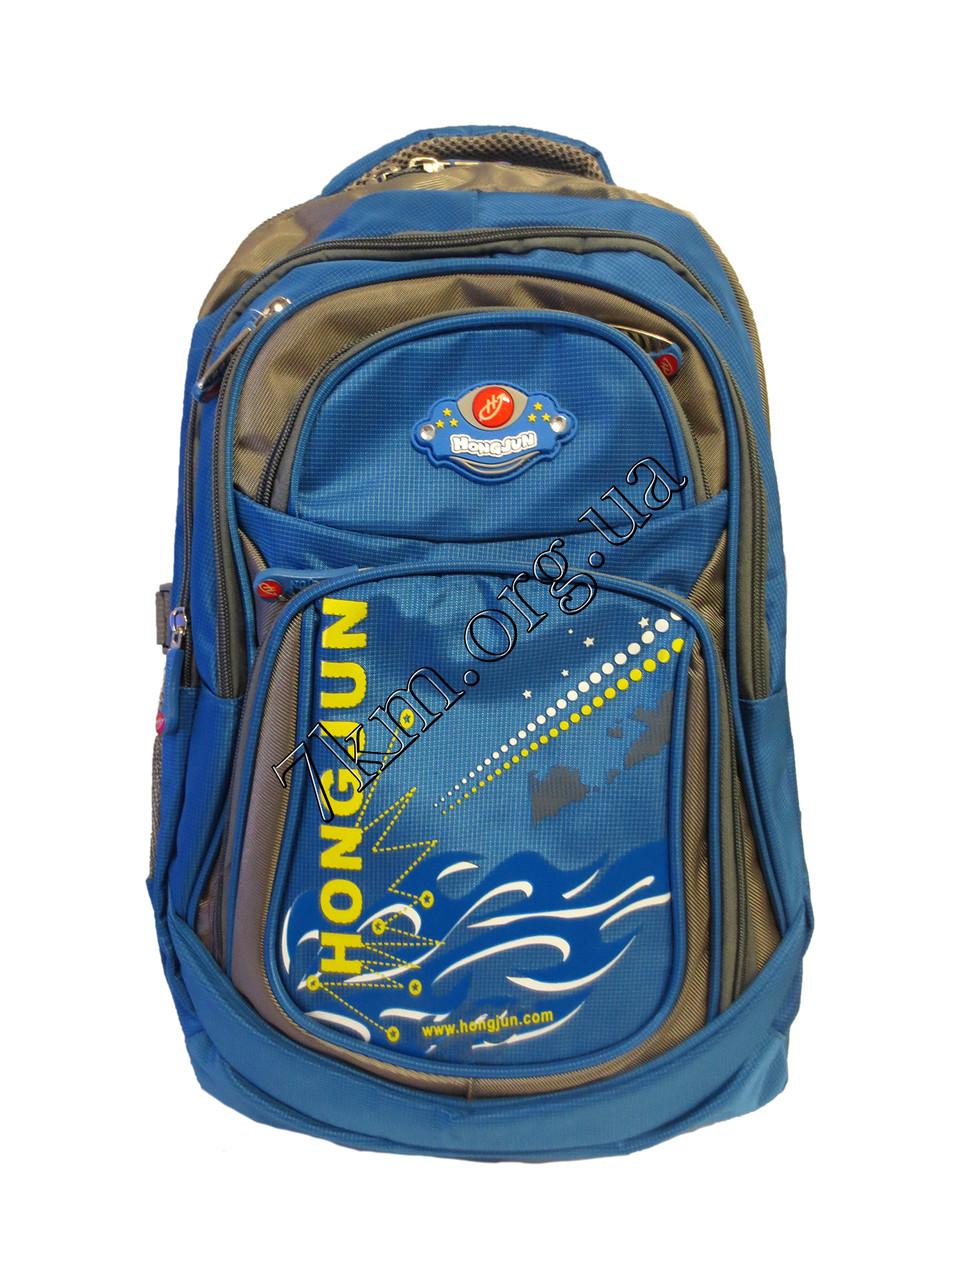 Школьный рюкзак для мальчиков HongJun голубой CR 9913